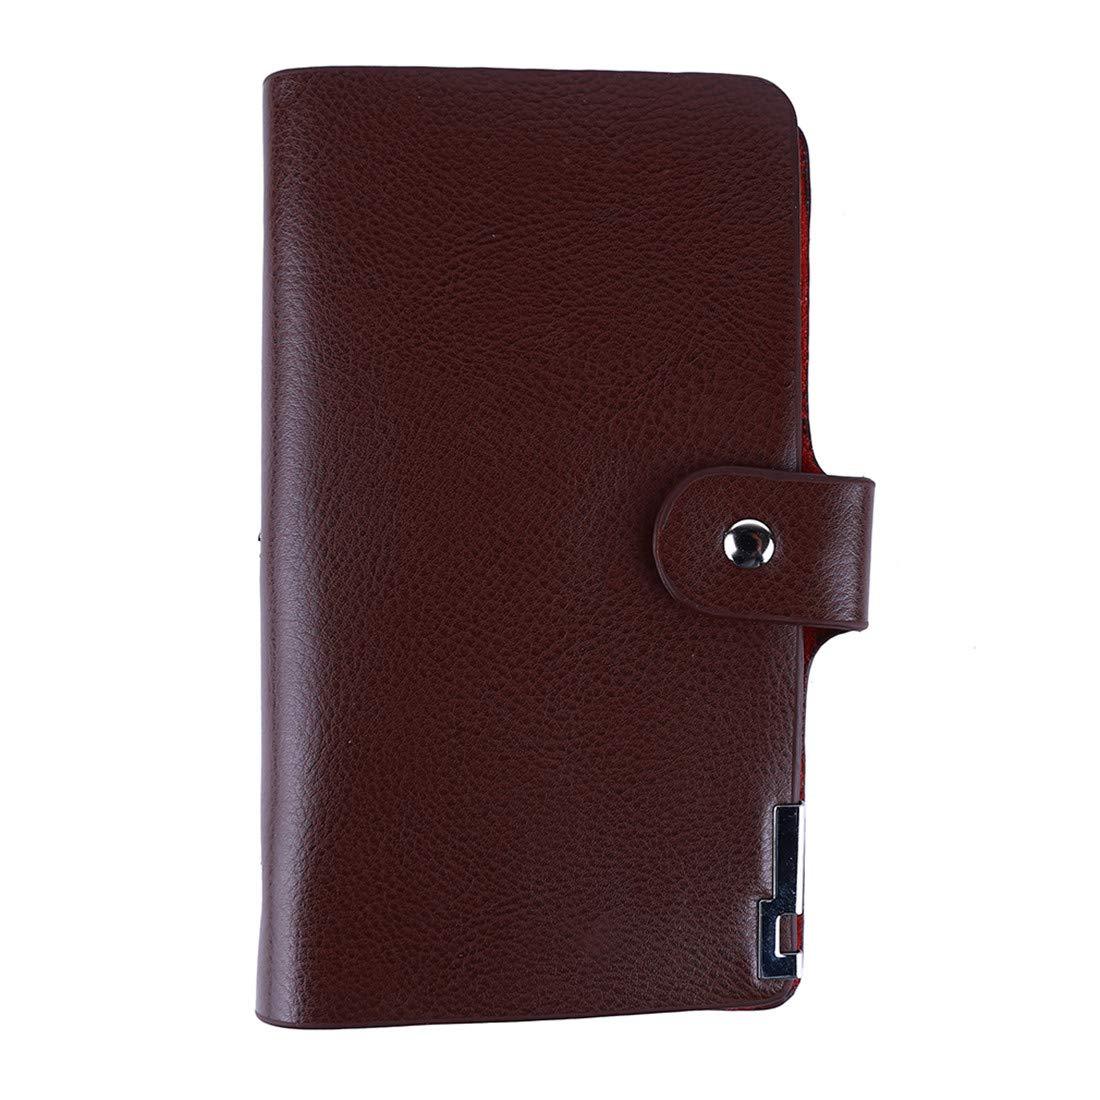 VWH PU Cuir Hommes Portefeuille Bourse Style d'affaires Portefeuille Long Zipper Wallet Clutch Phone Bag(Marron)